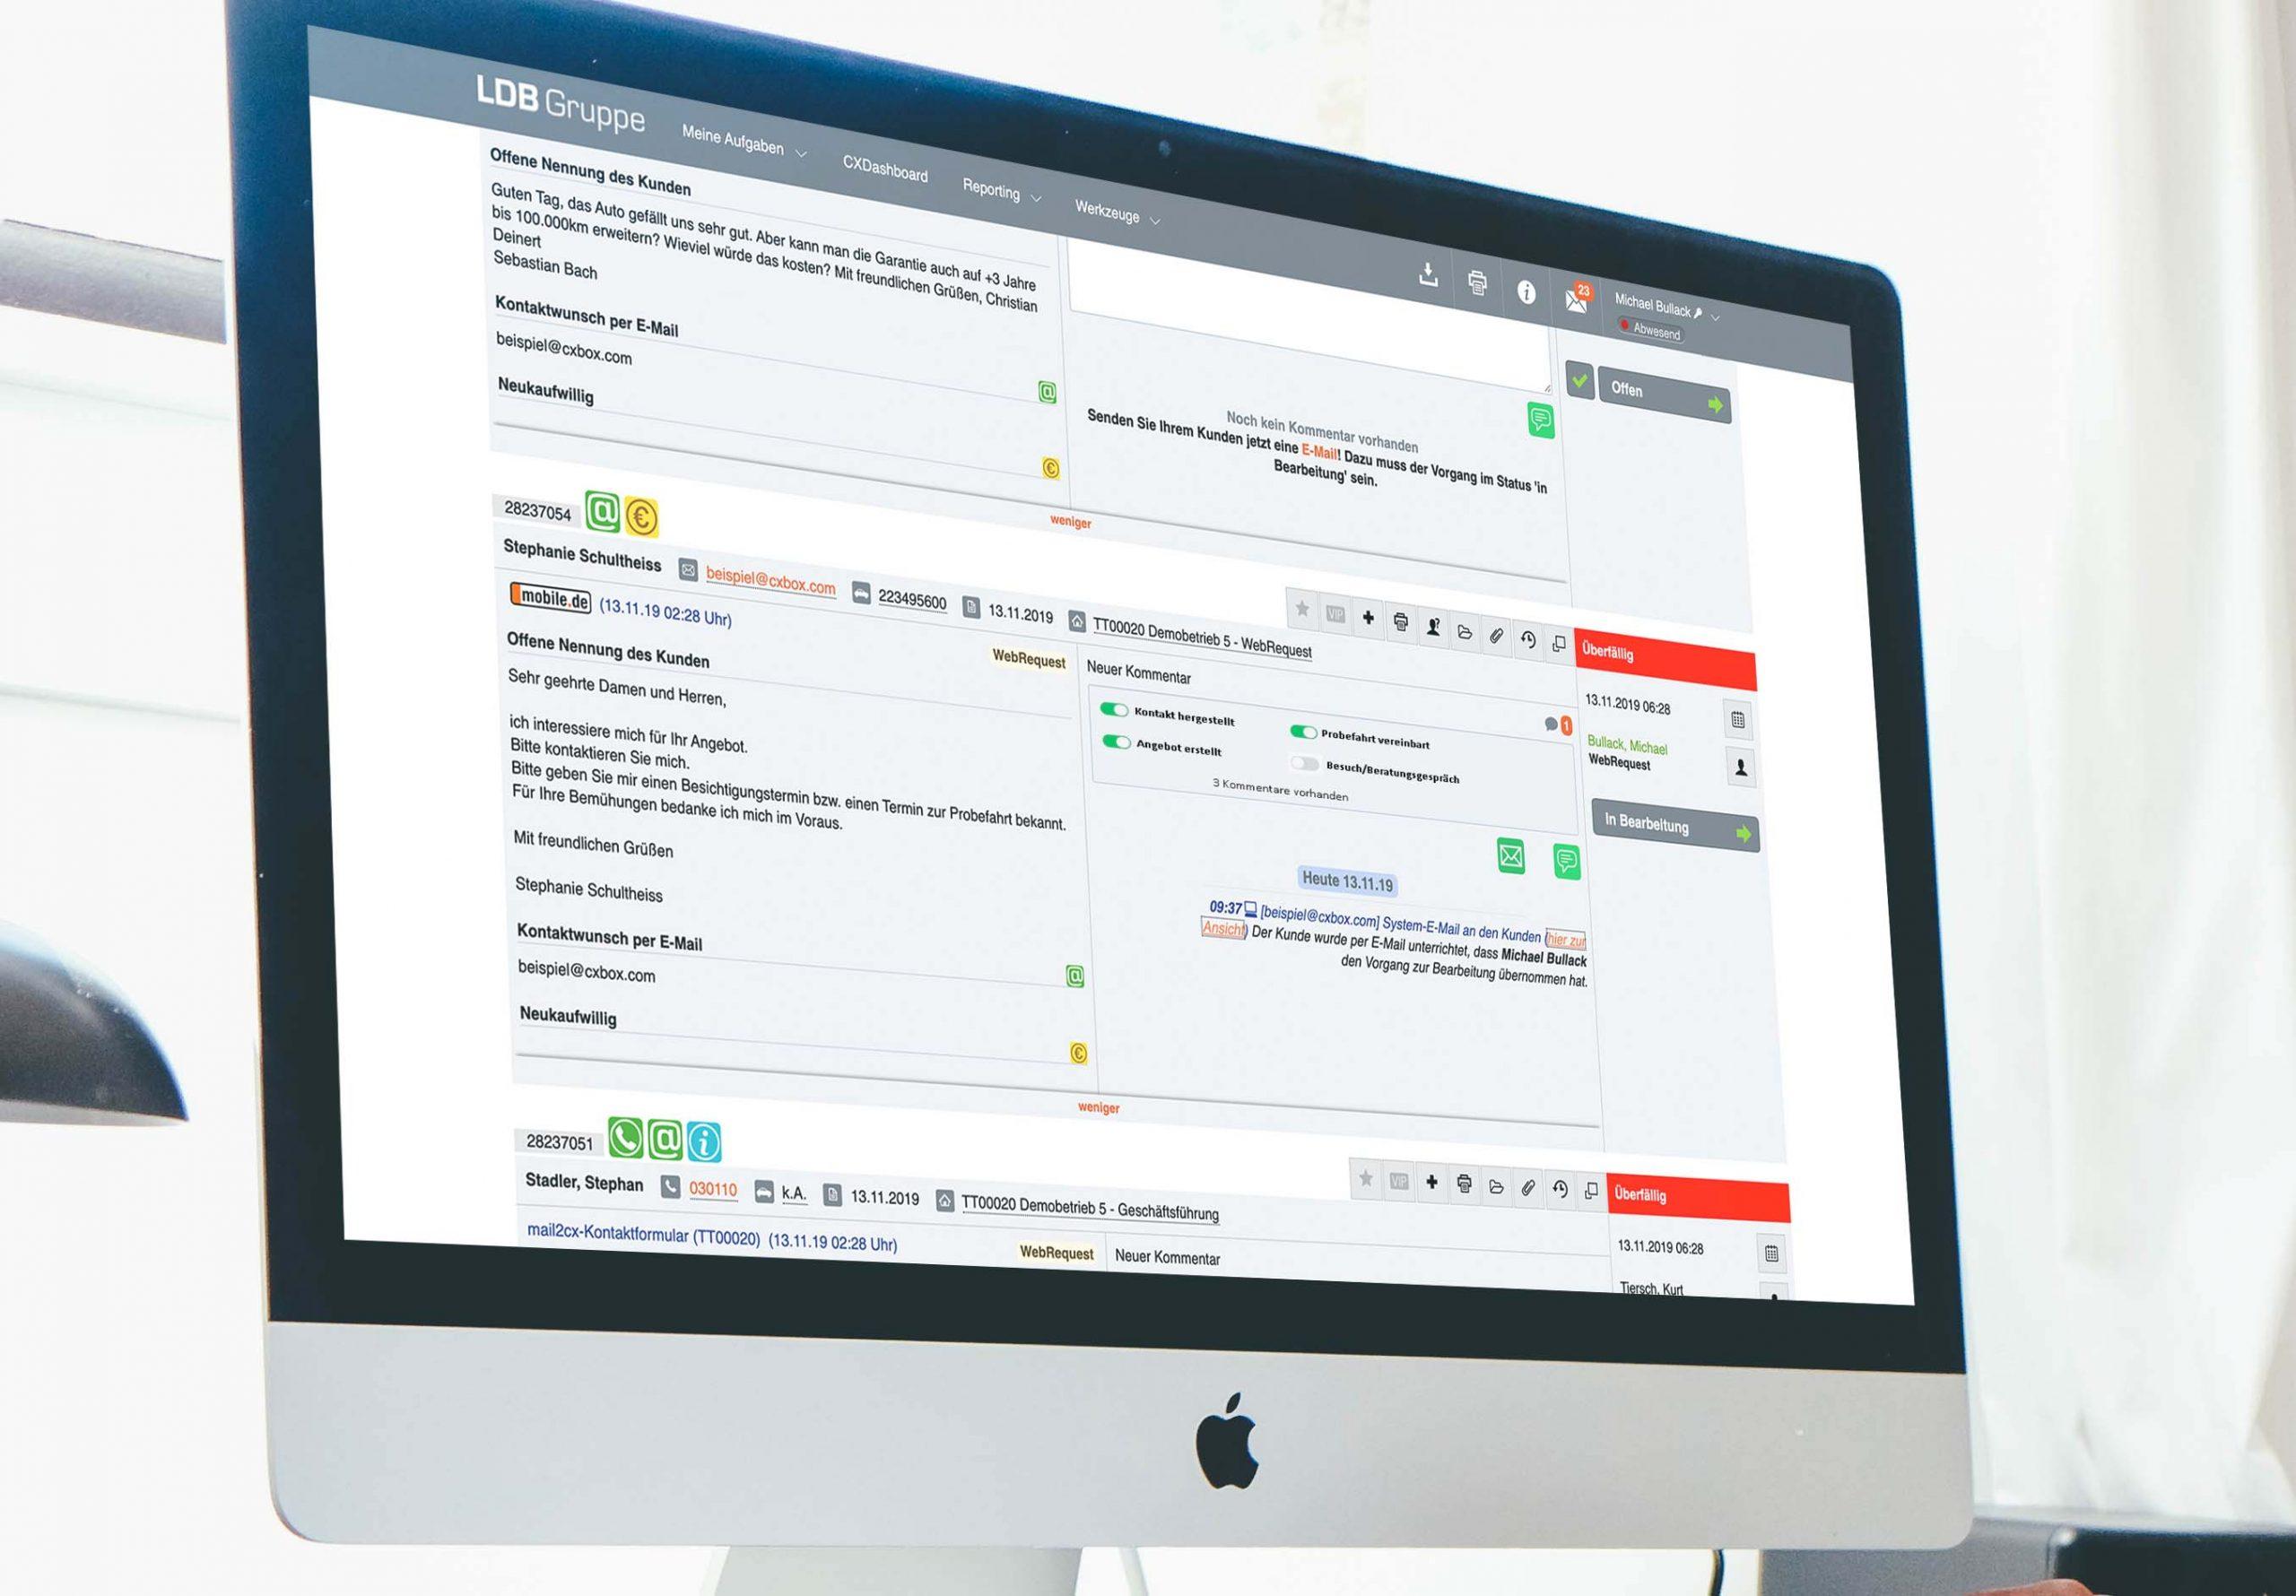 Mehr Kunden gewinnen mit der Lead-Management-Plattform LDB CXBox